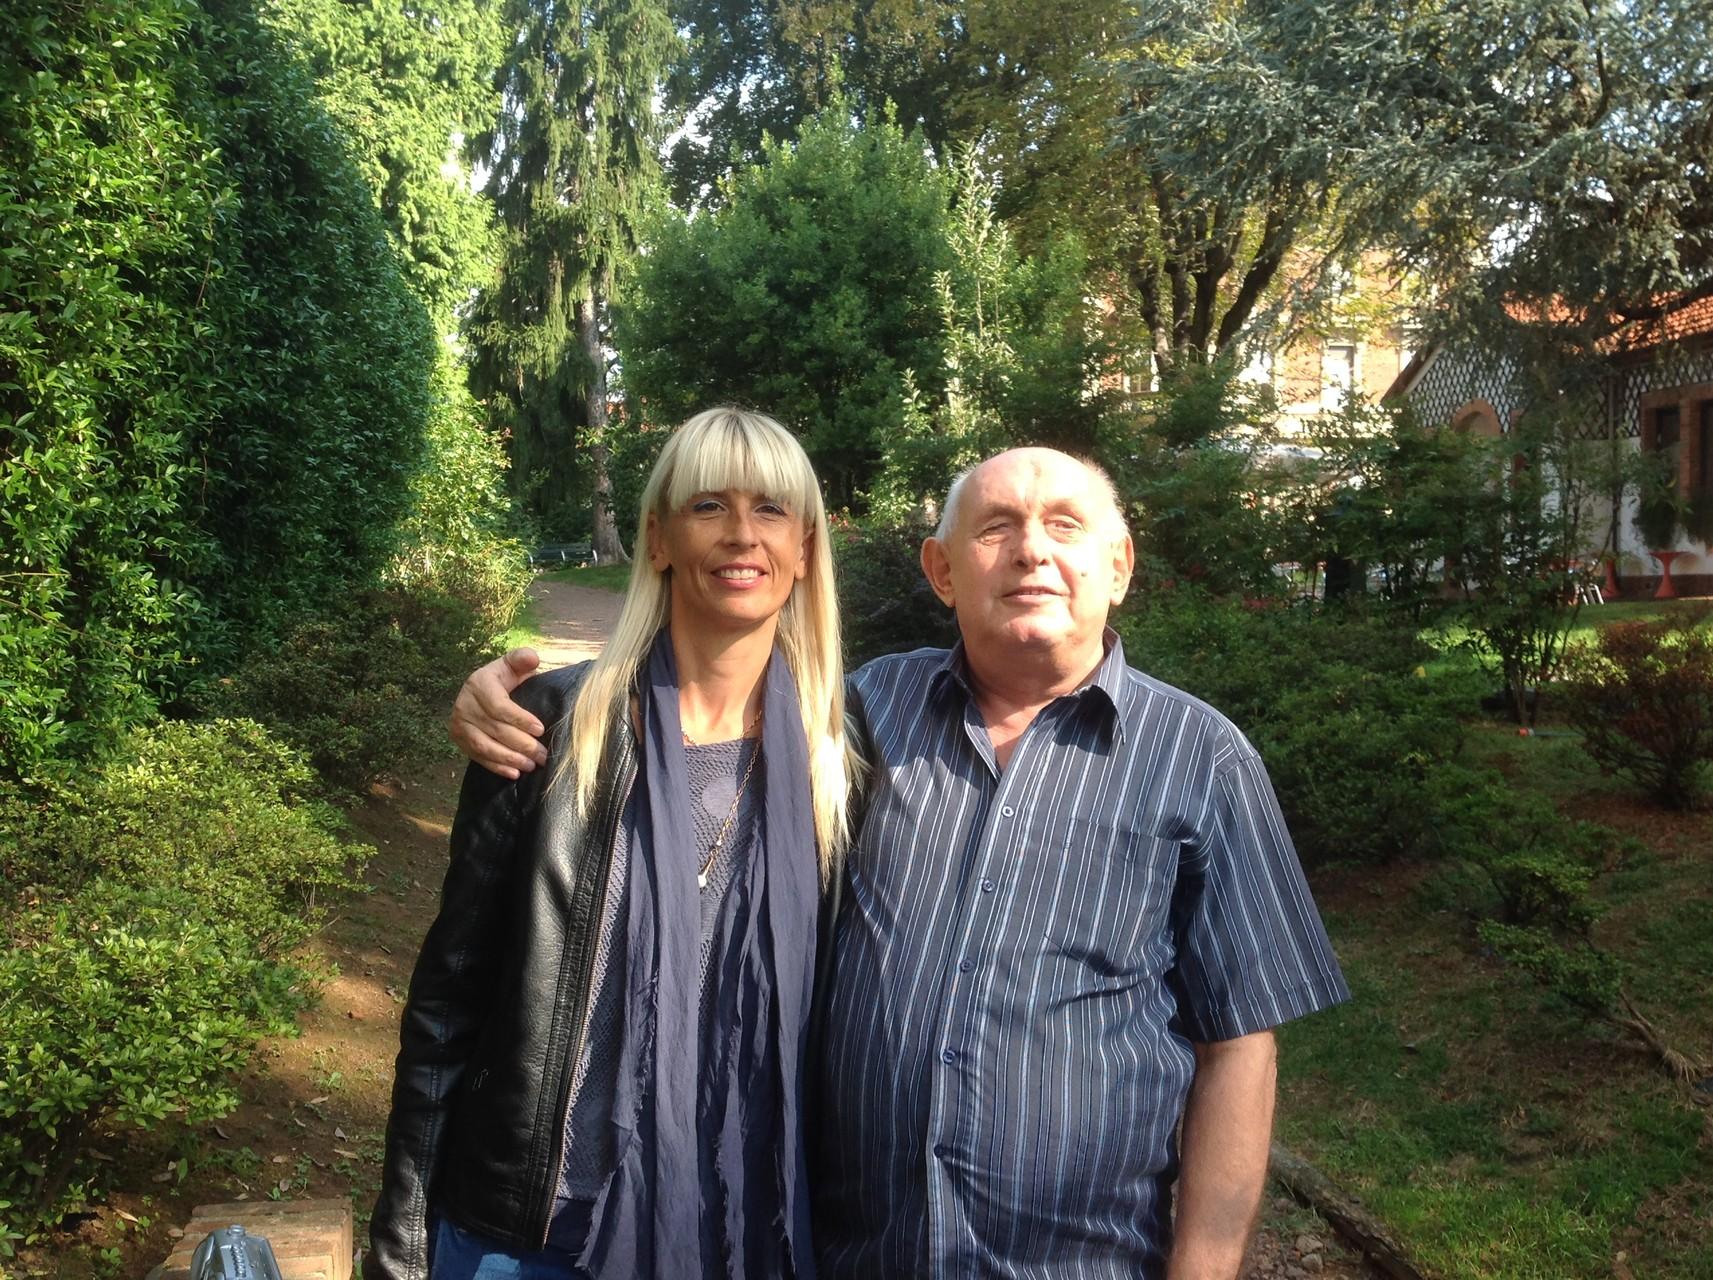 Io&Pier Carlo Leone, Giardini Edo Tempia Biella, la mia prima intervista!